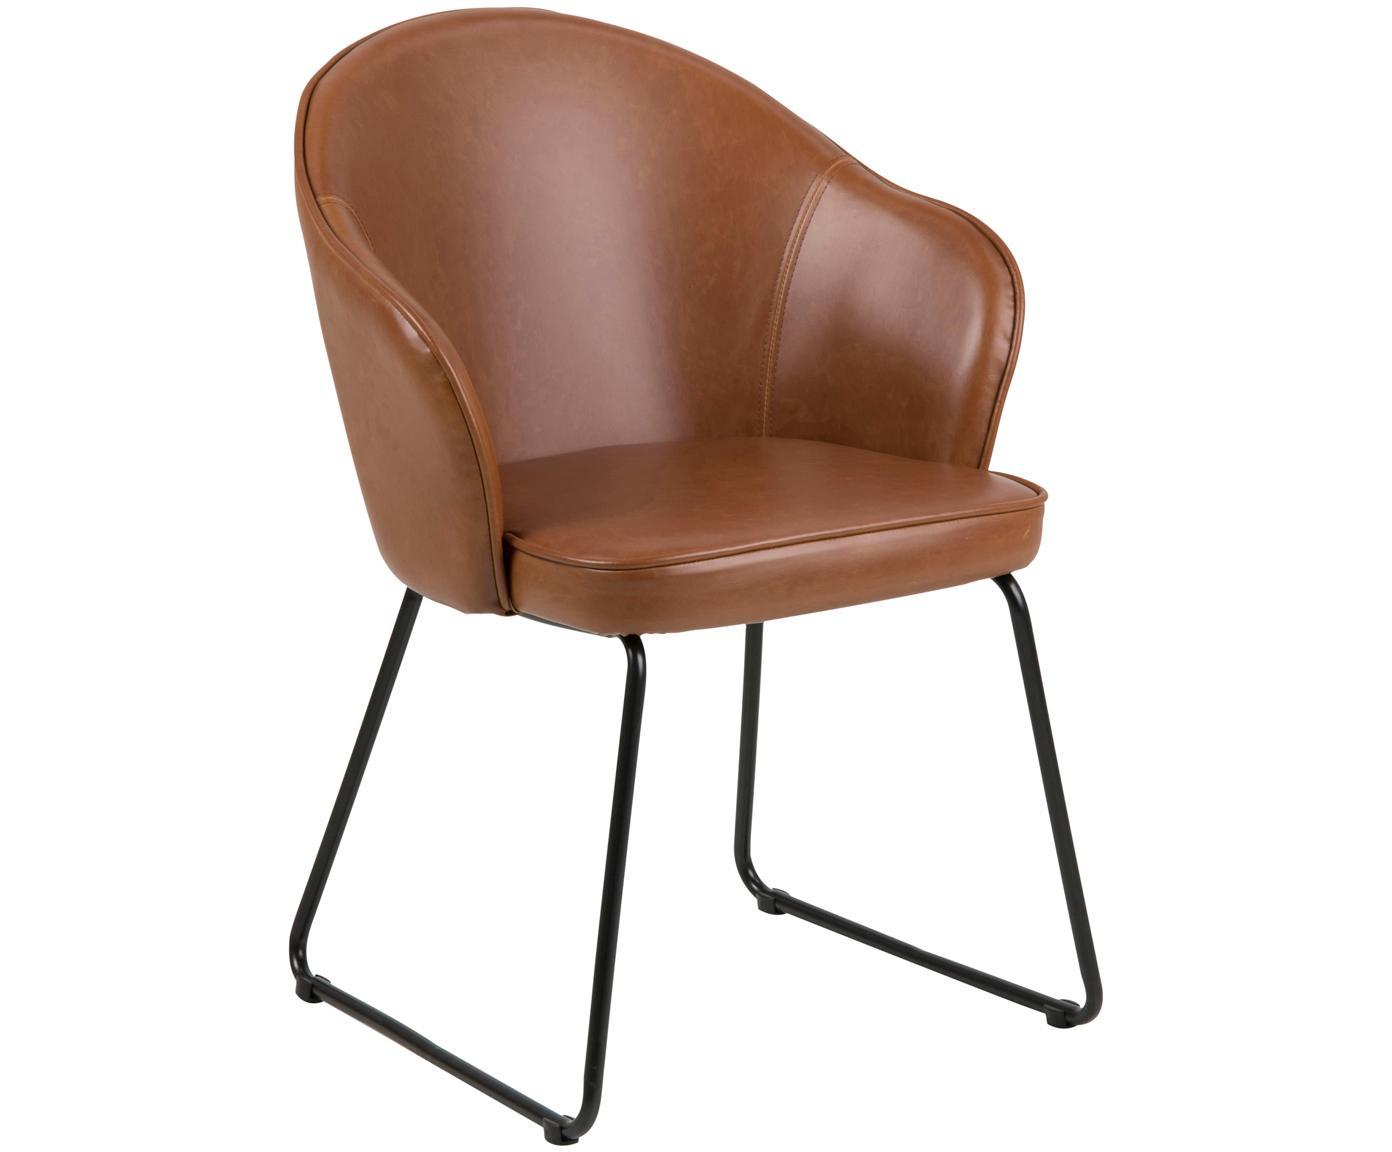 Kunstleren armstoel Mitzie, Bekleding: polyurethaan (kunstleer), Poten: gelakt metaal, Cognackleurig, zwart, B 57 x D 59 cm